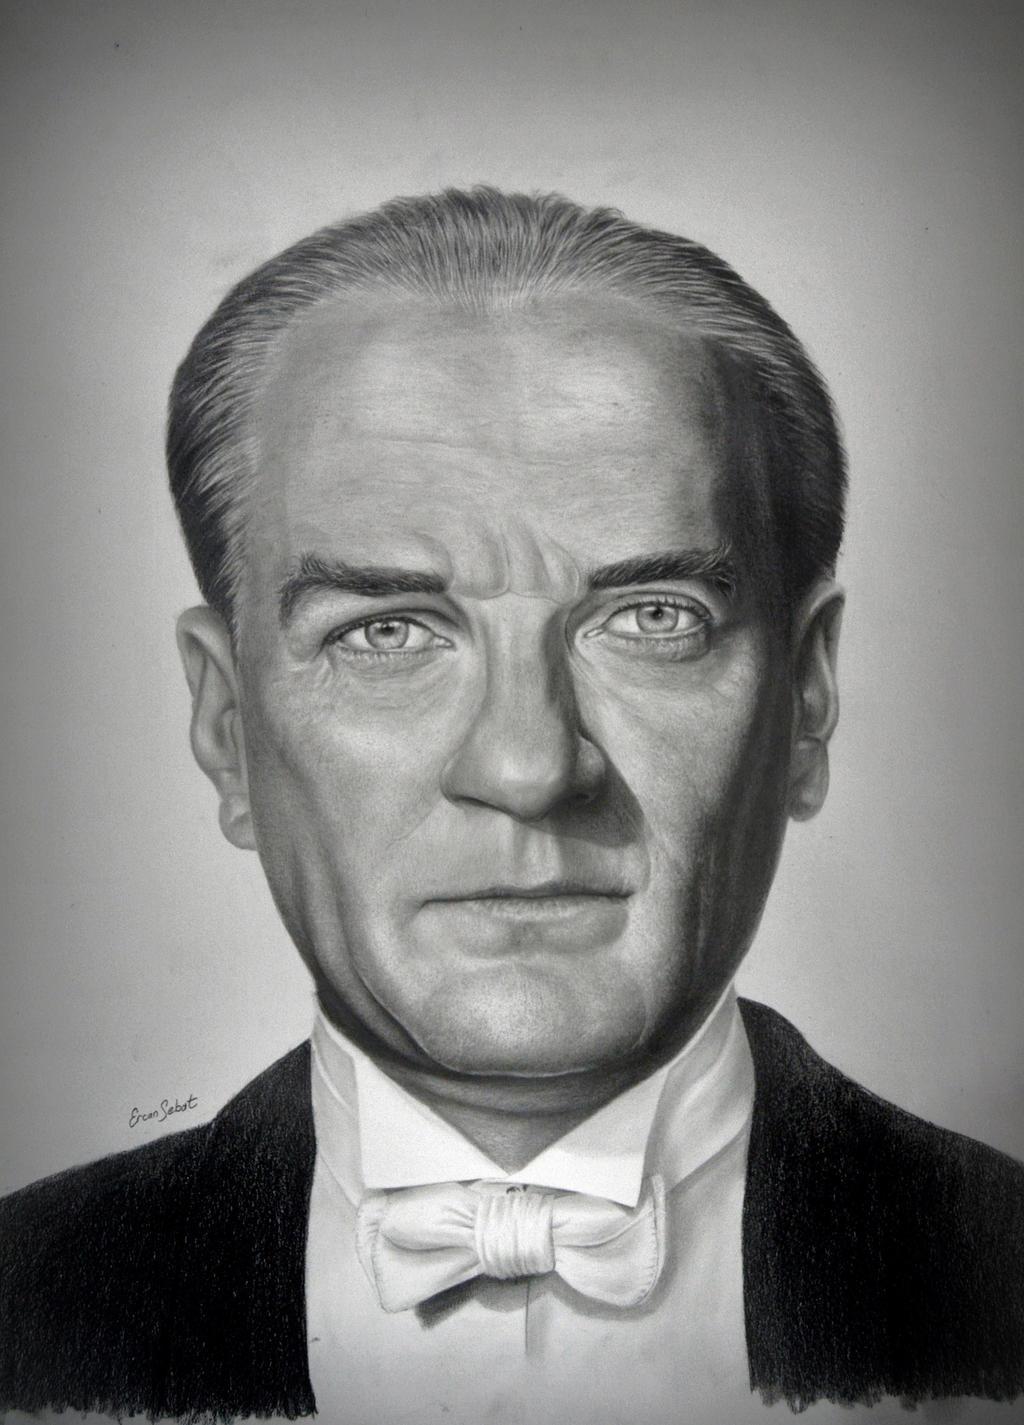 mustafa kemal ataturk Mustafa kemal atatürk, později znám jako ghazi mustafa kemal paša, kemal atatürk a kamâl atatürk, (19 května 1881, soluň – 10 listopadu 1938, istanbul) byl turecký vojevůdce a státník, zakladatel a první prezident turecké republiky.